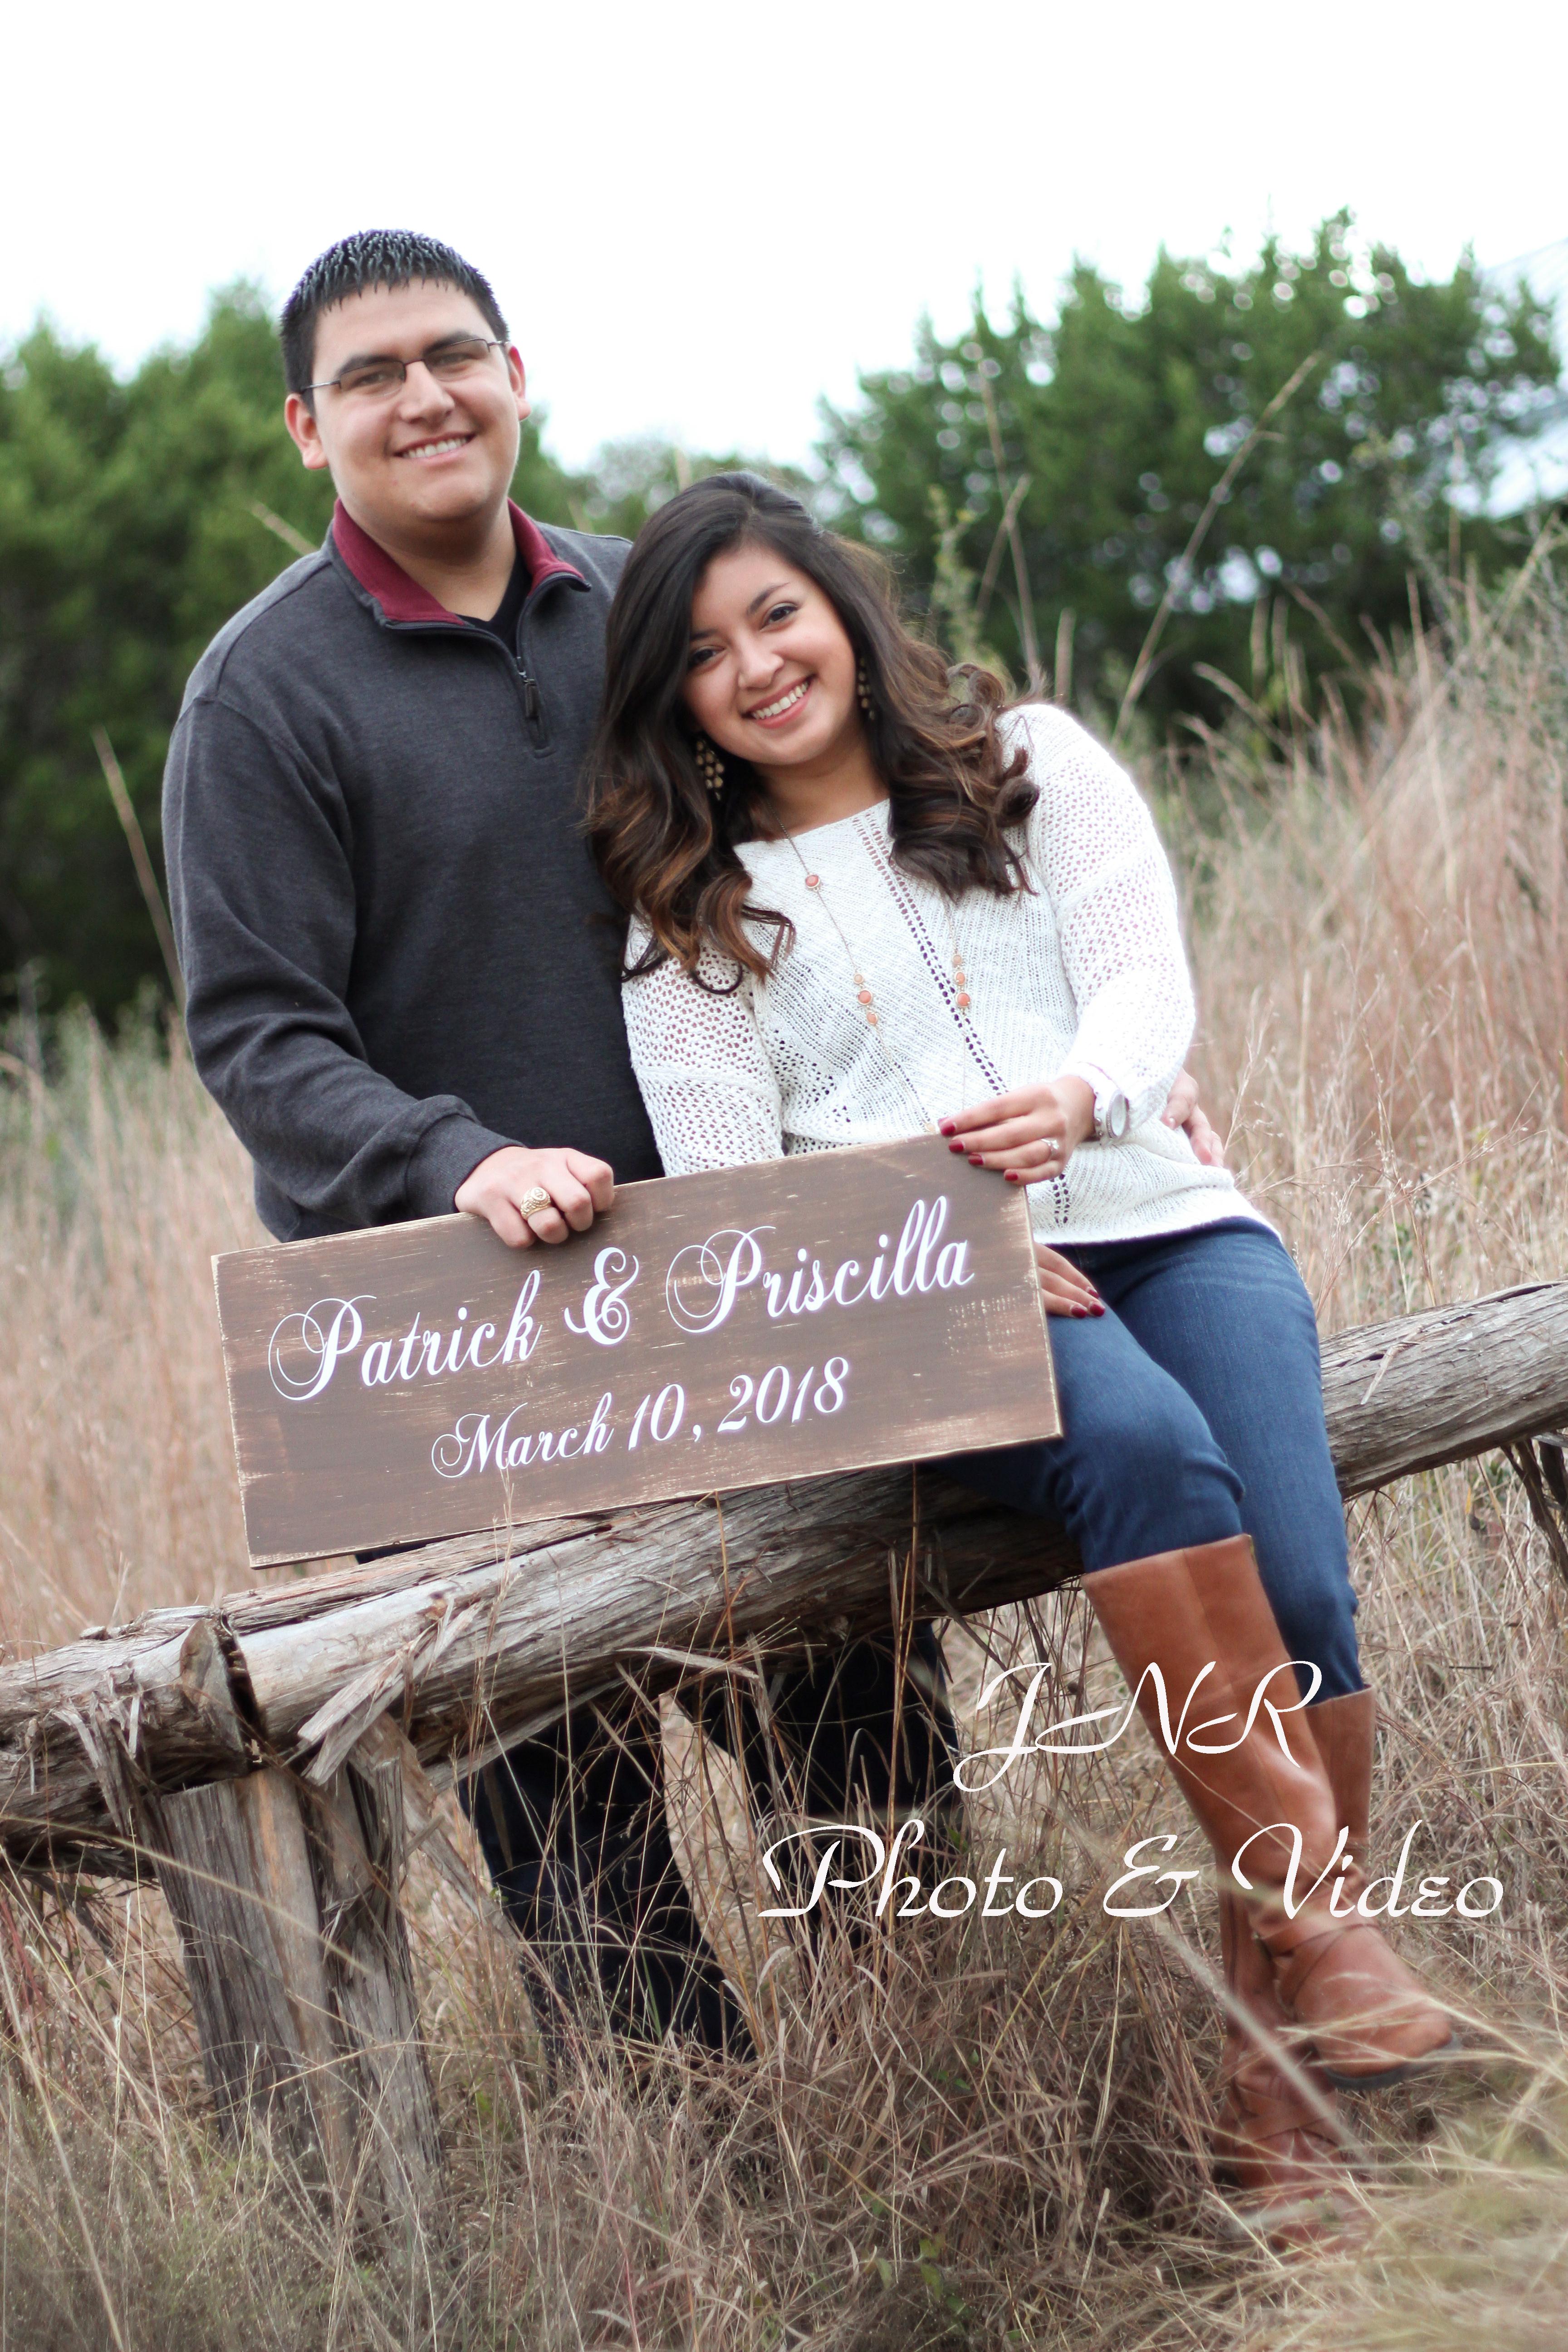 Patrick & Priscilla